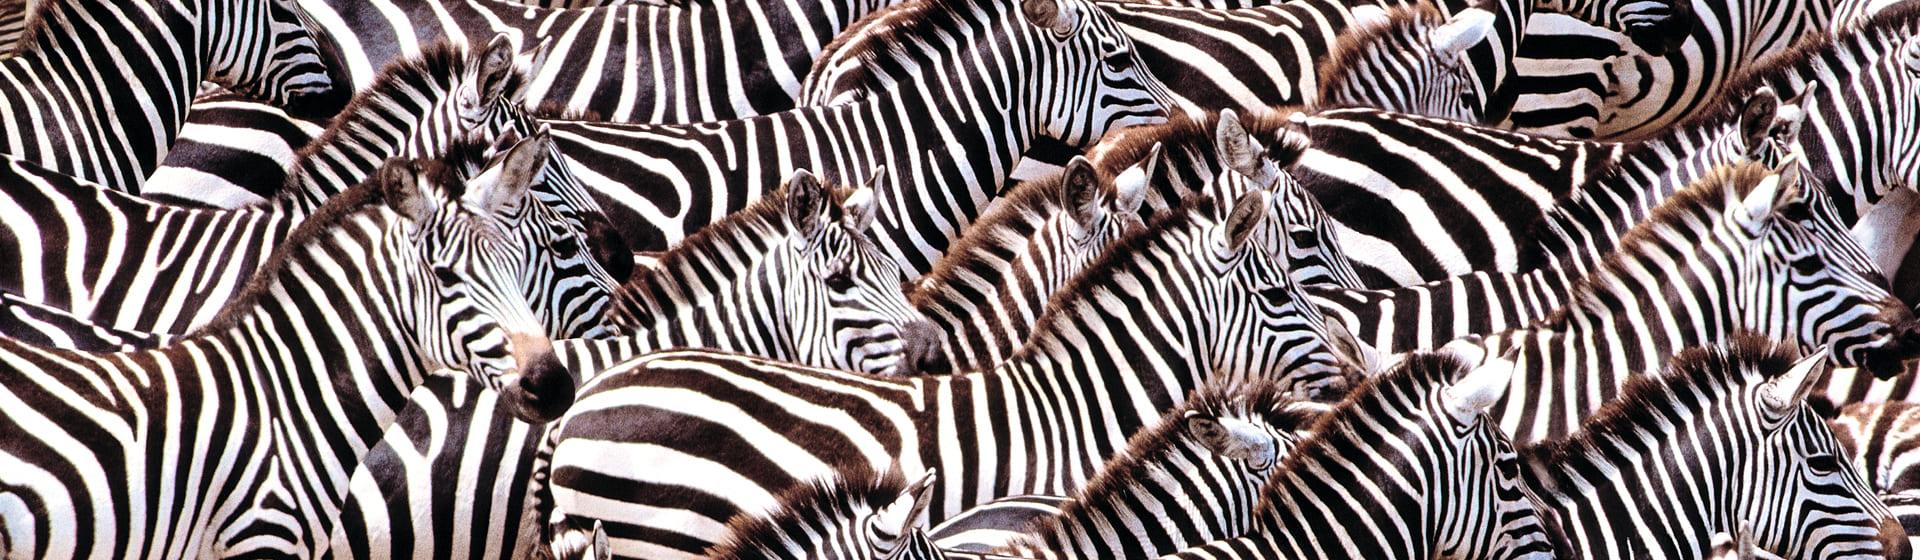 Зебры - Зимние куртки